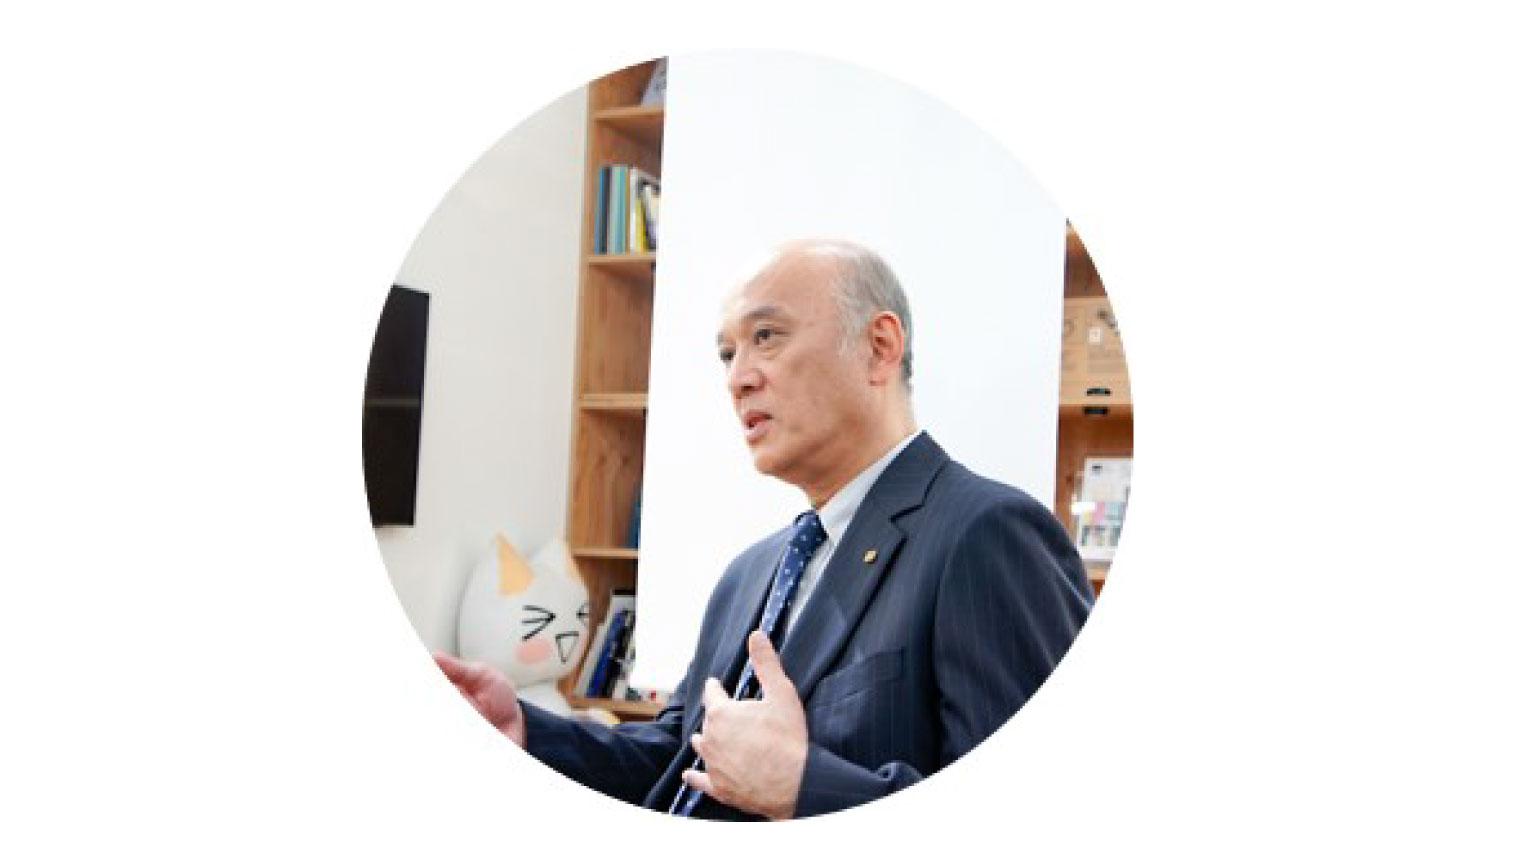 京セラ株式会社 研究開発本部 フューチャーデザインラボ 所長 横山敦さん